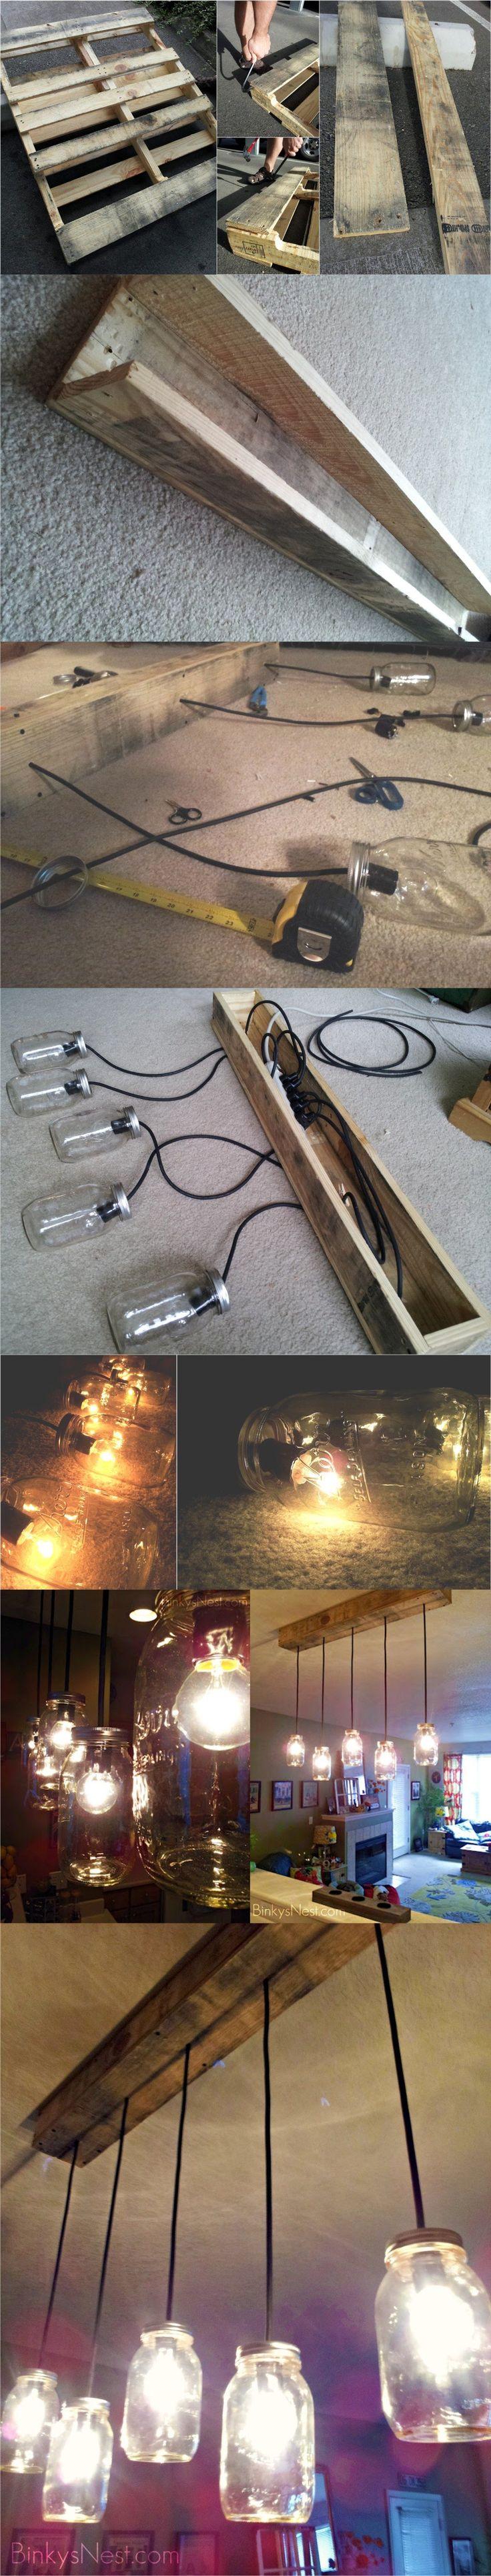 Lámpara DIY de aspecto rústico